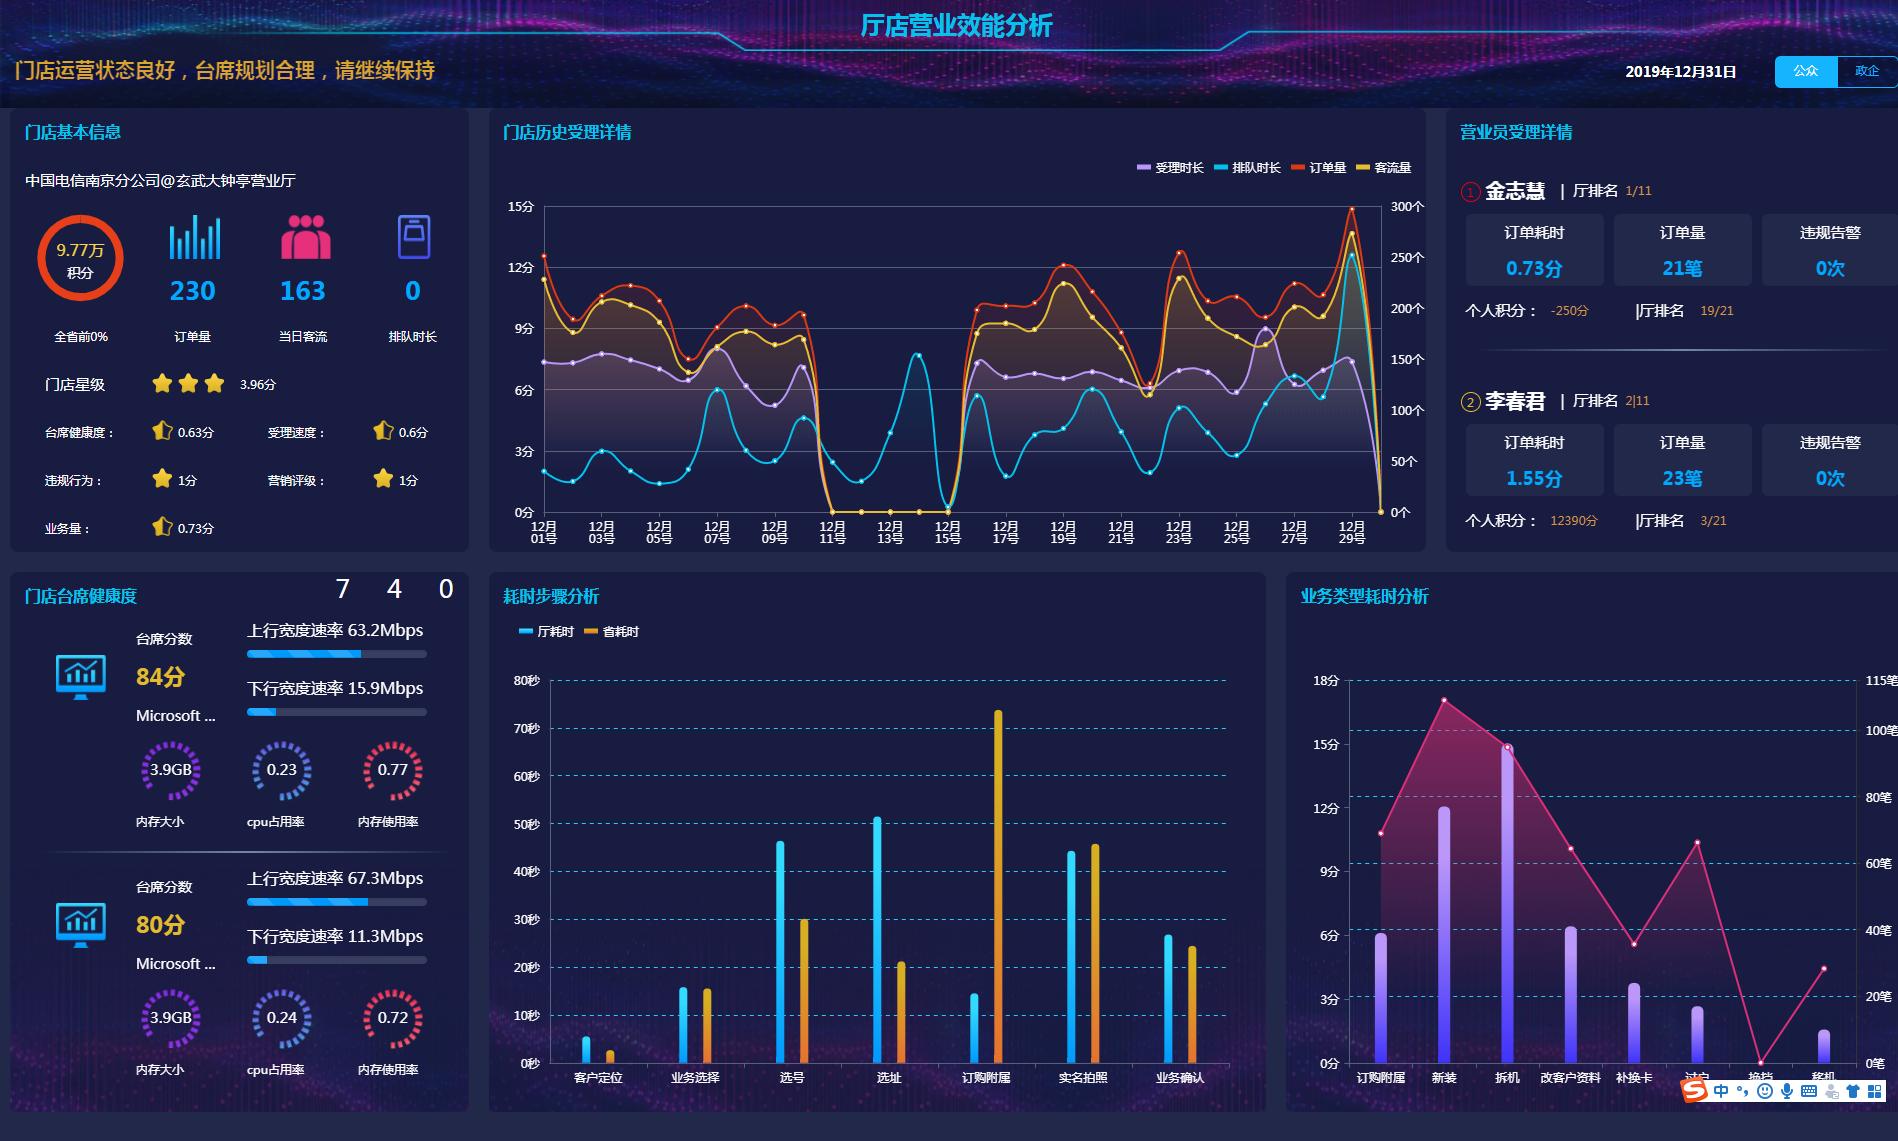 智慧运维 智慧运营h5大数据大屏幕展示网站模板